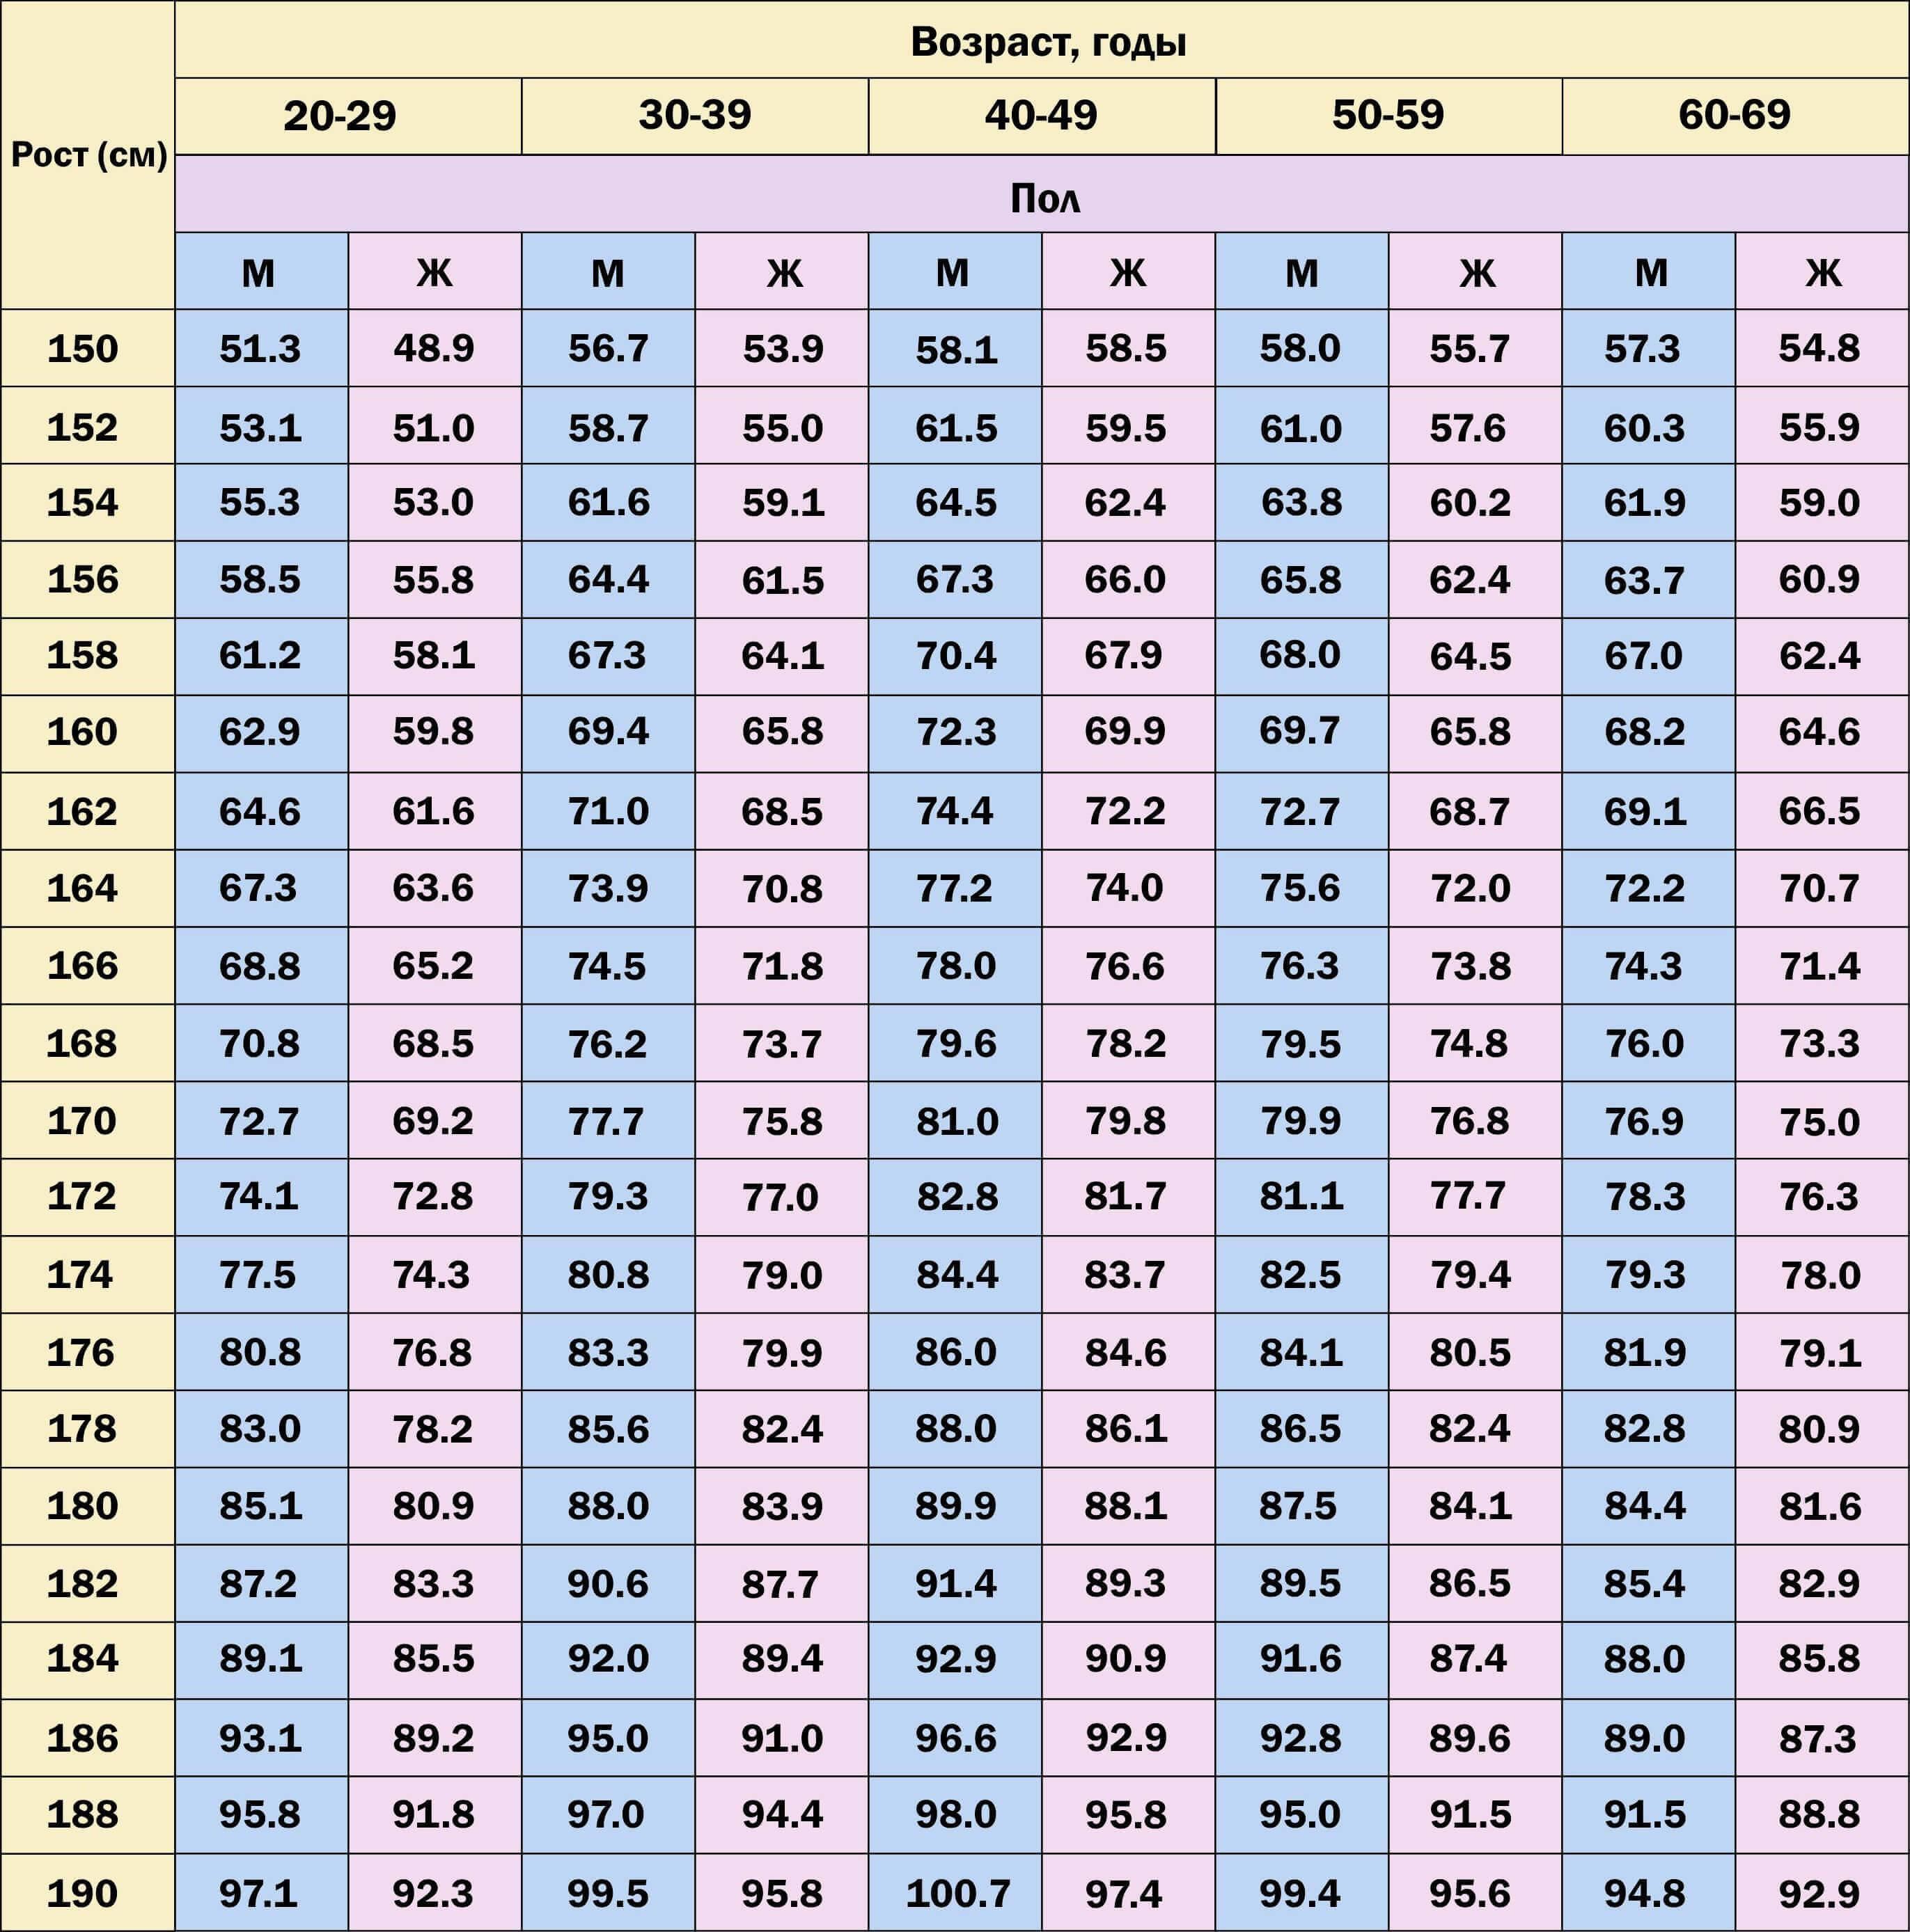 Рост и вес ребенка по годам таблица до 10 лет